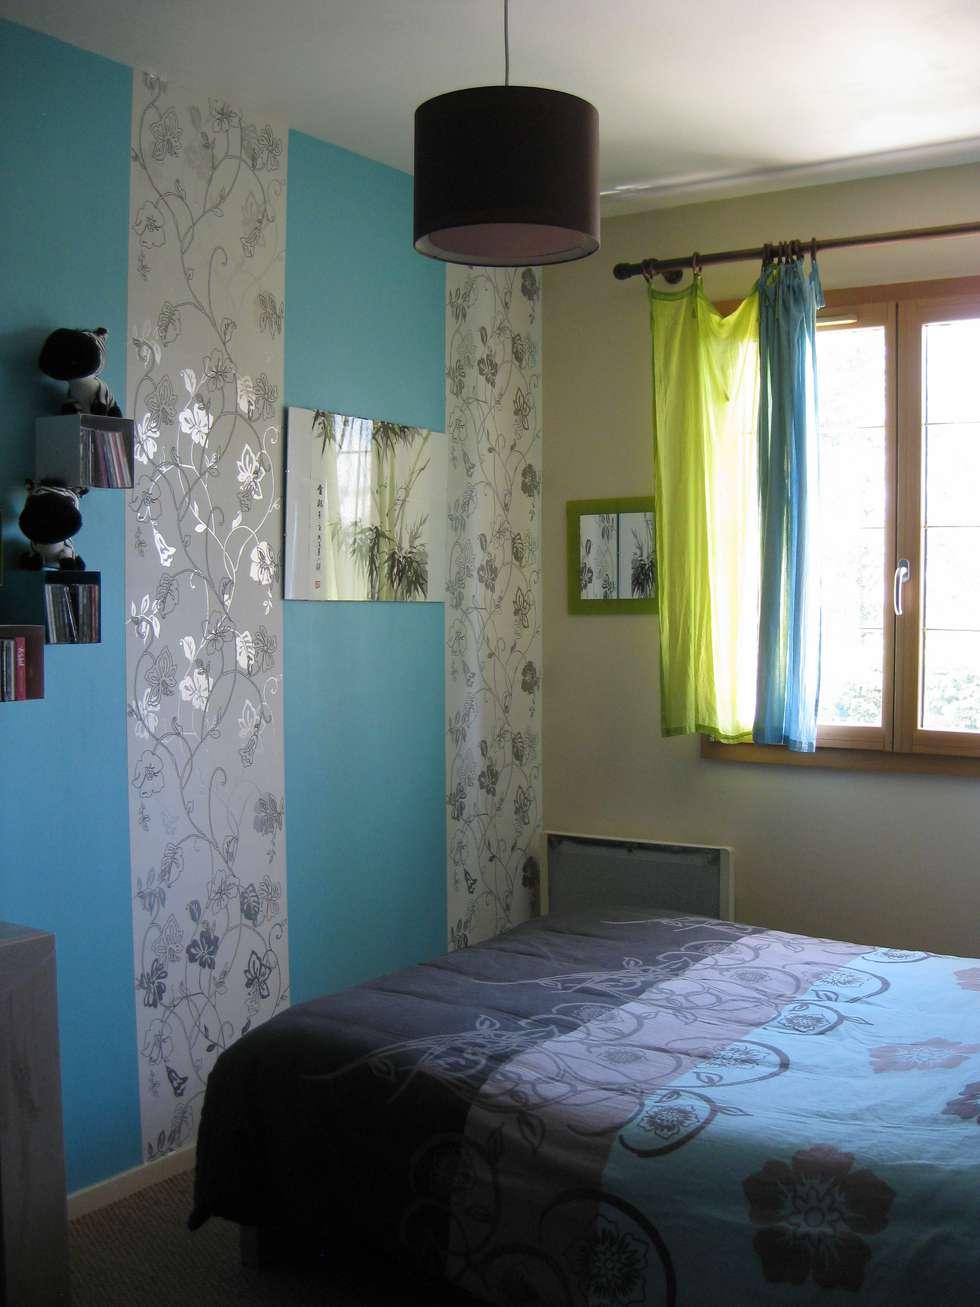 Décoration d'une chambre: Chambre de style de style eclectique par One look inside